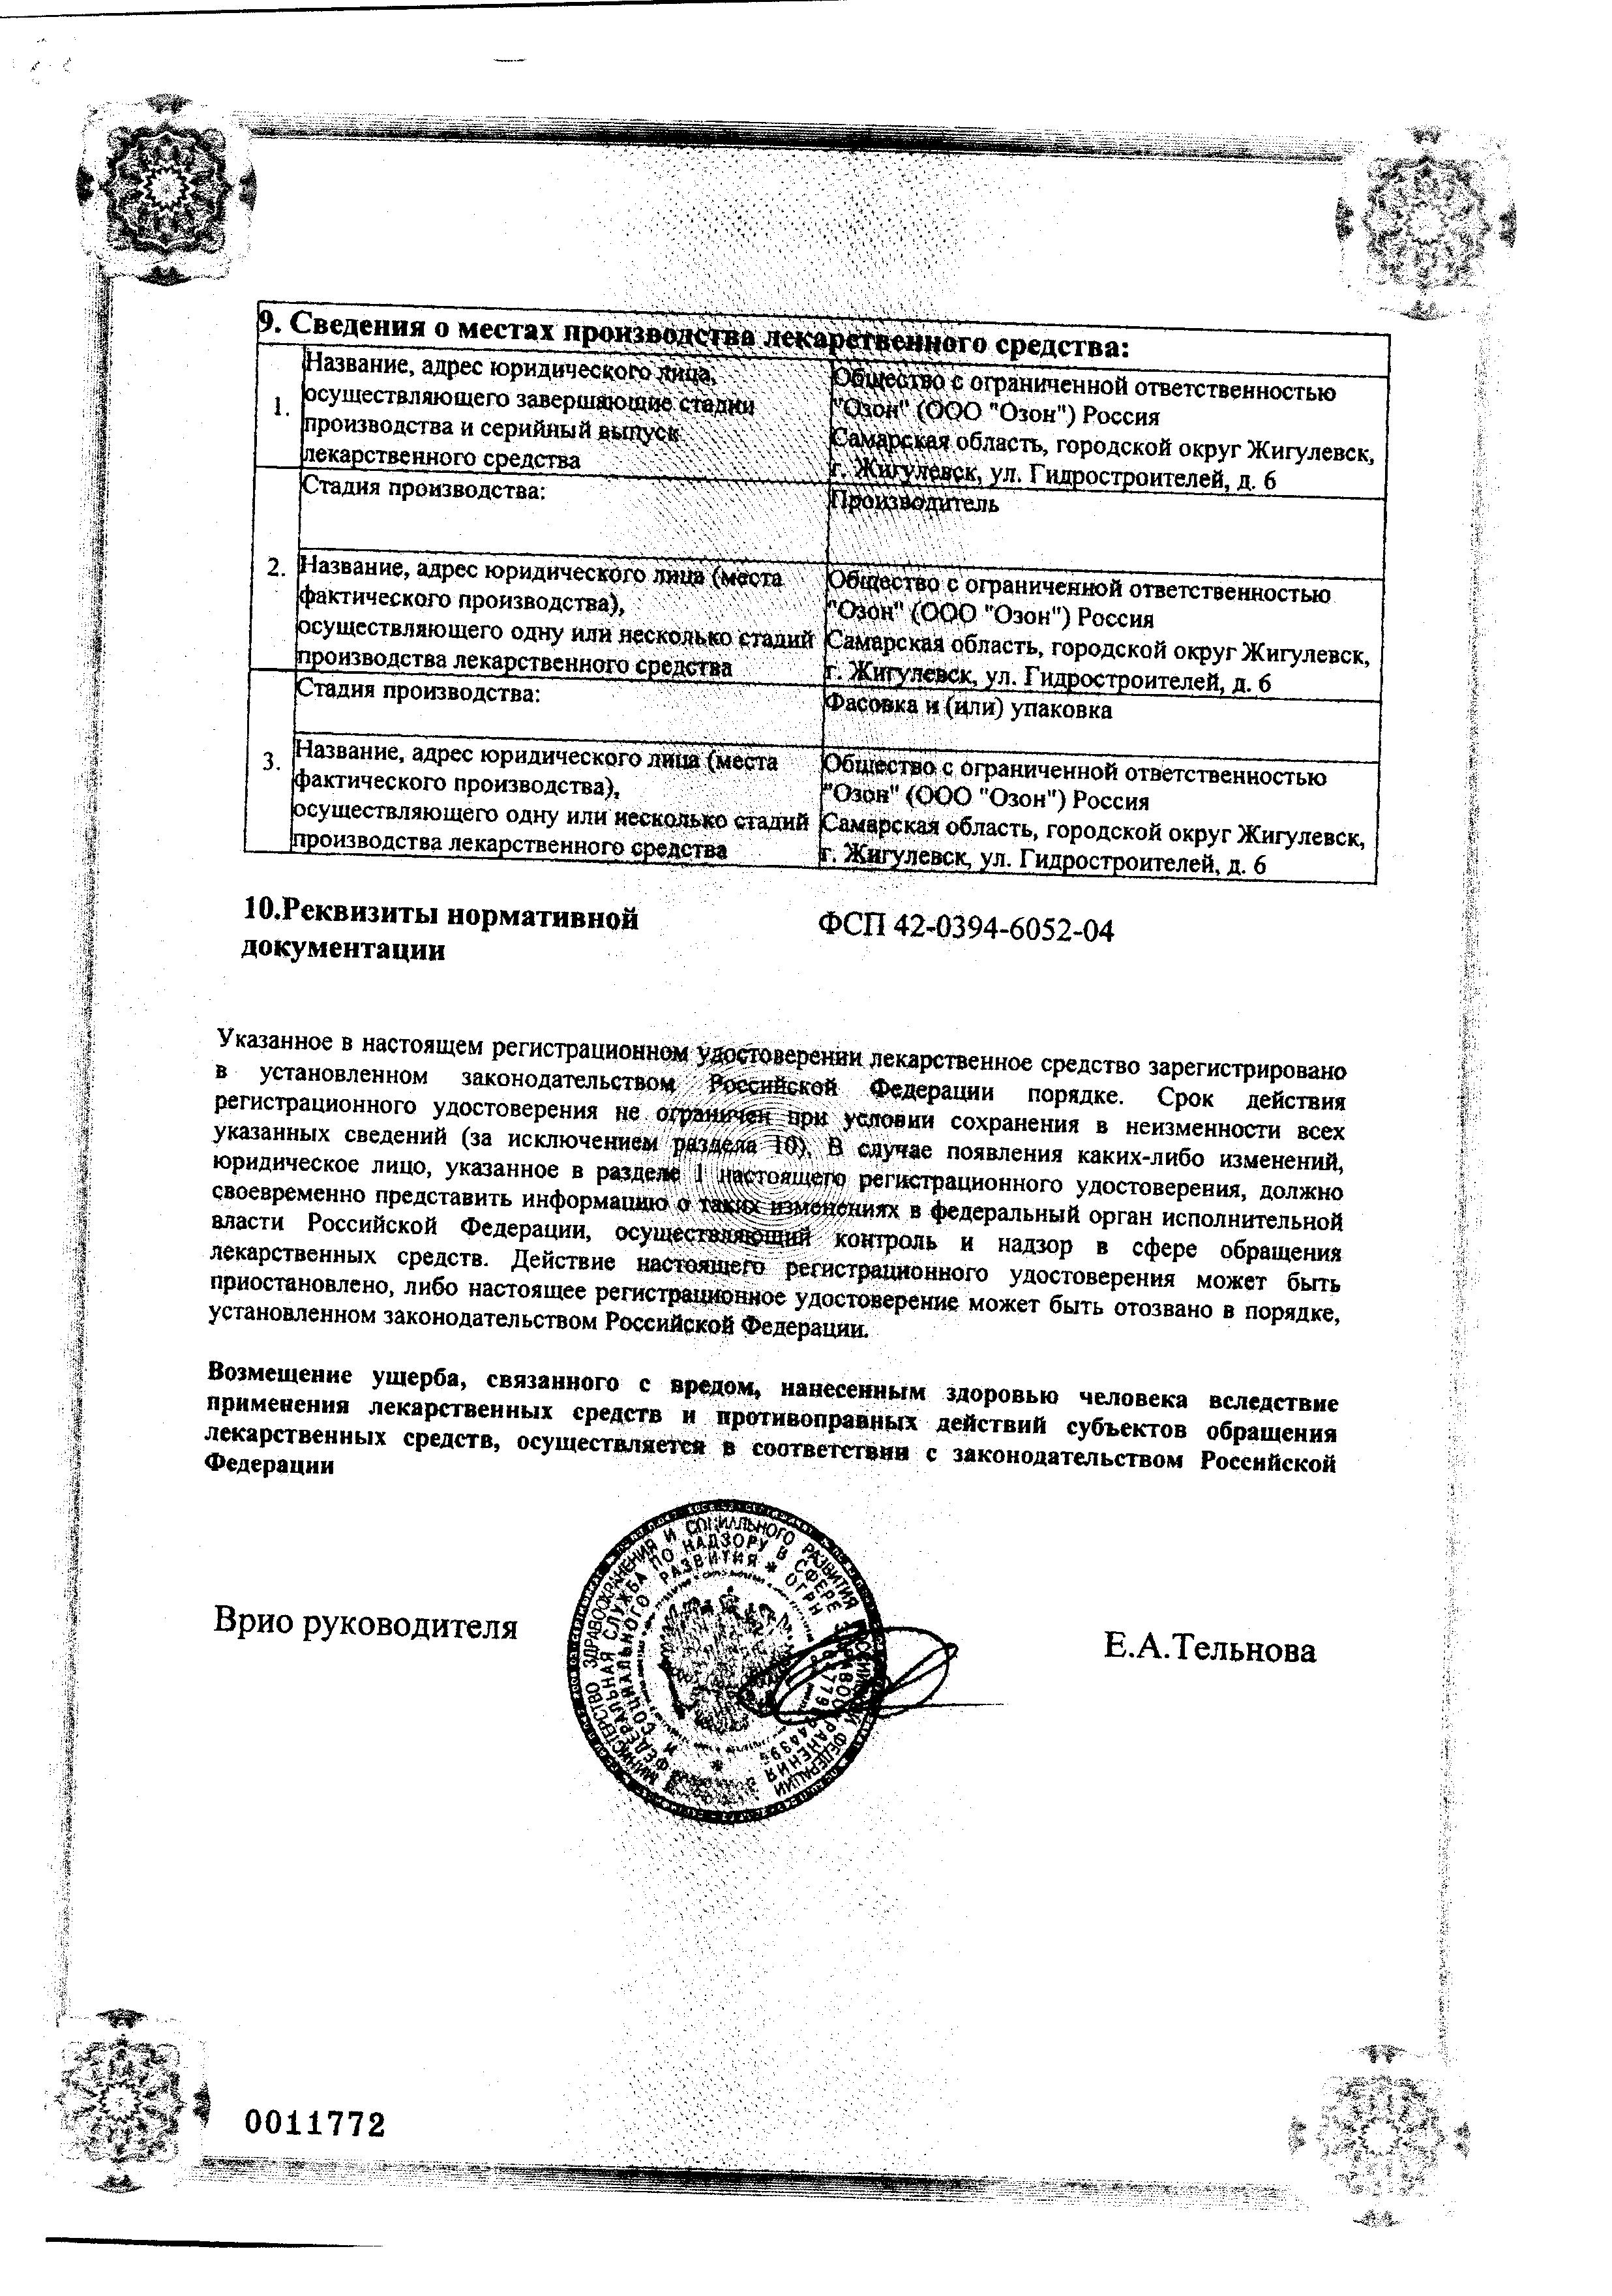 Овенкор сертификат